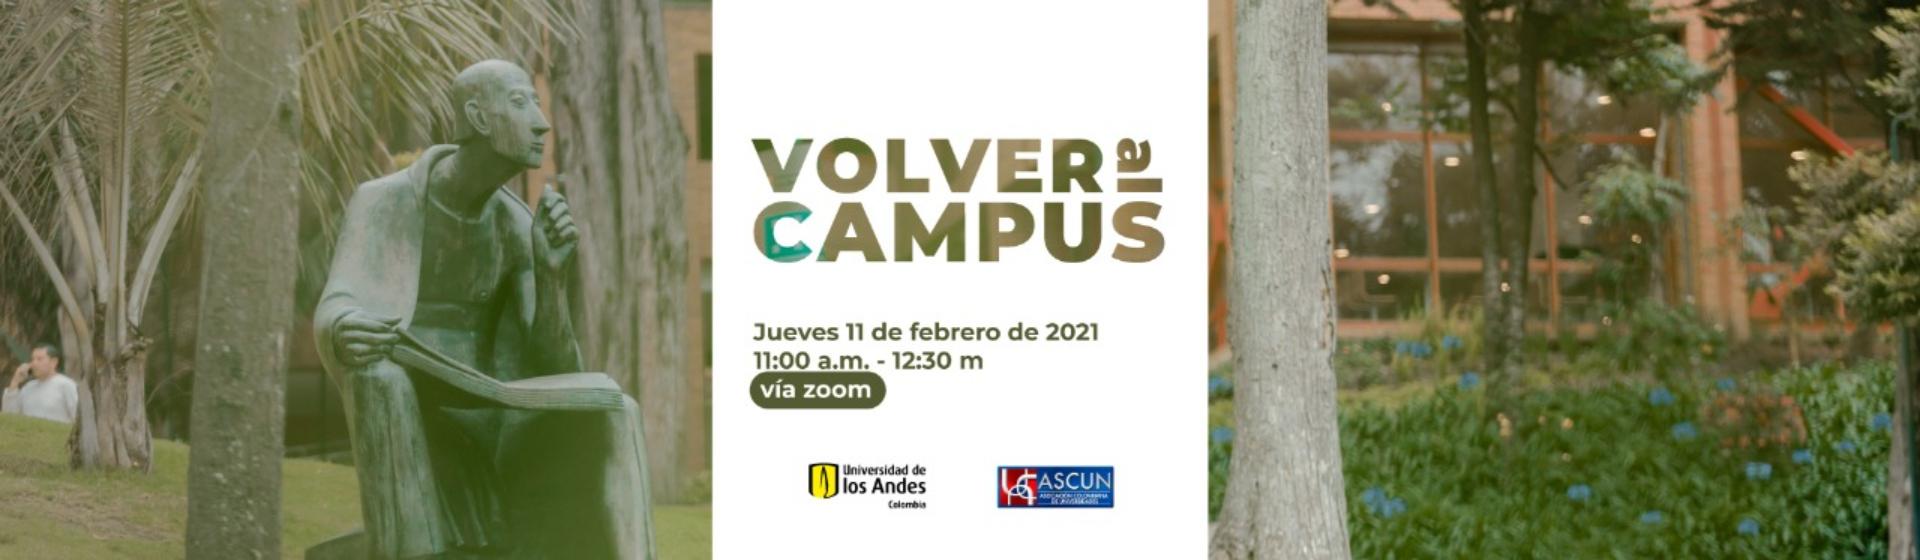 volver campus